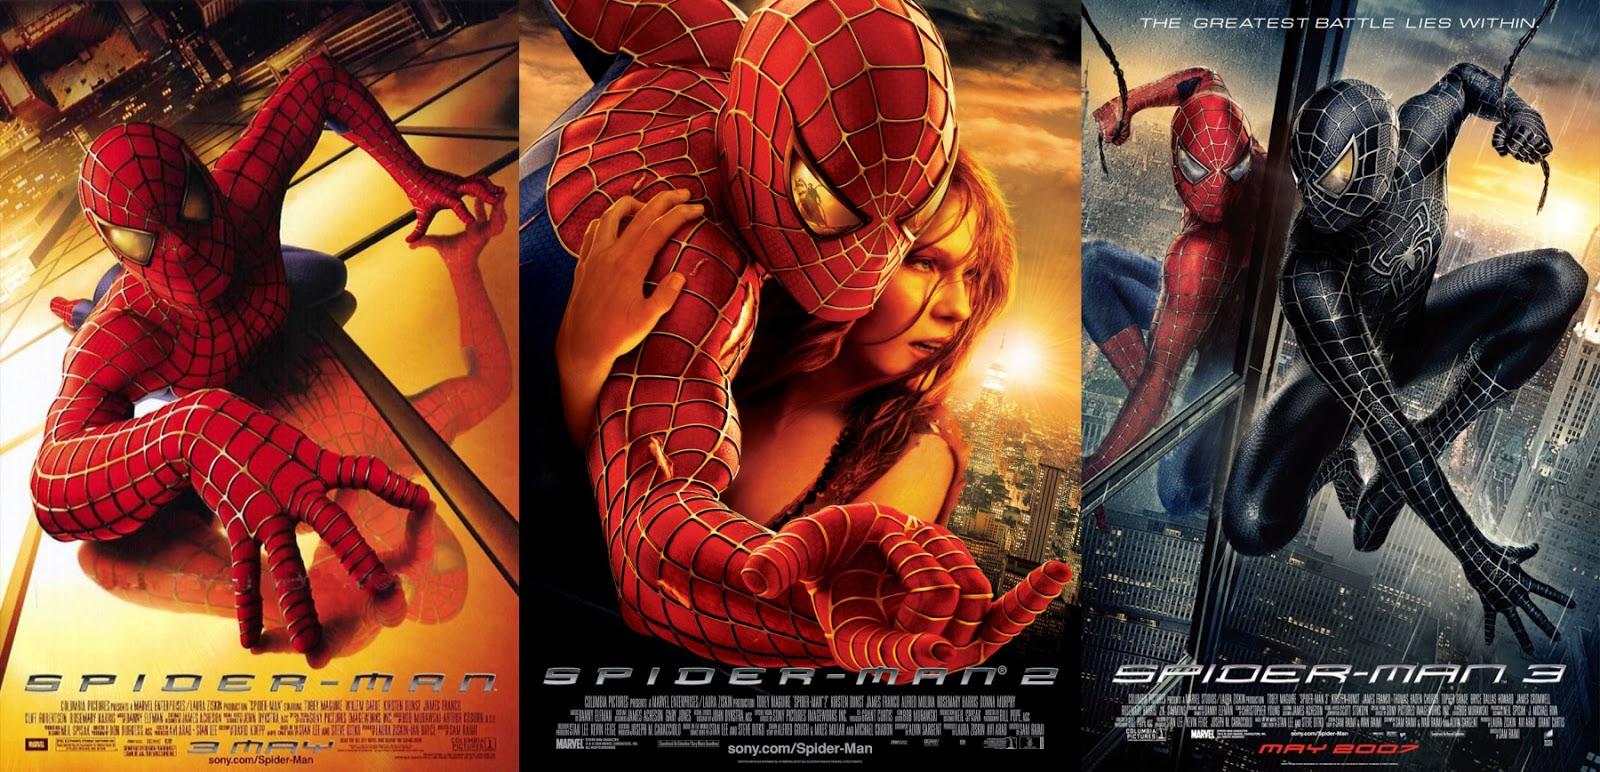 spider man 2 movie download in hindi 720p